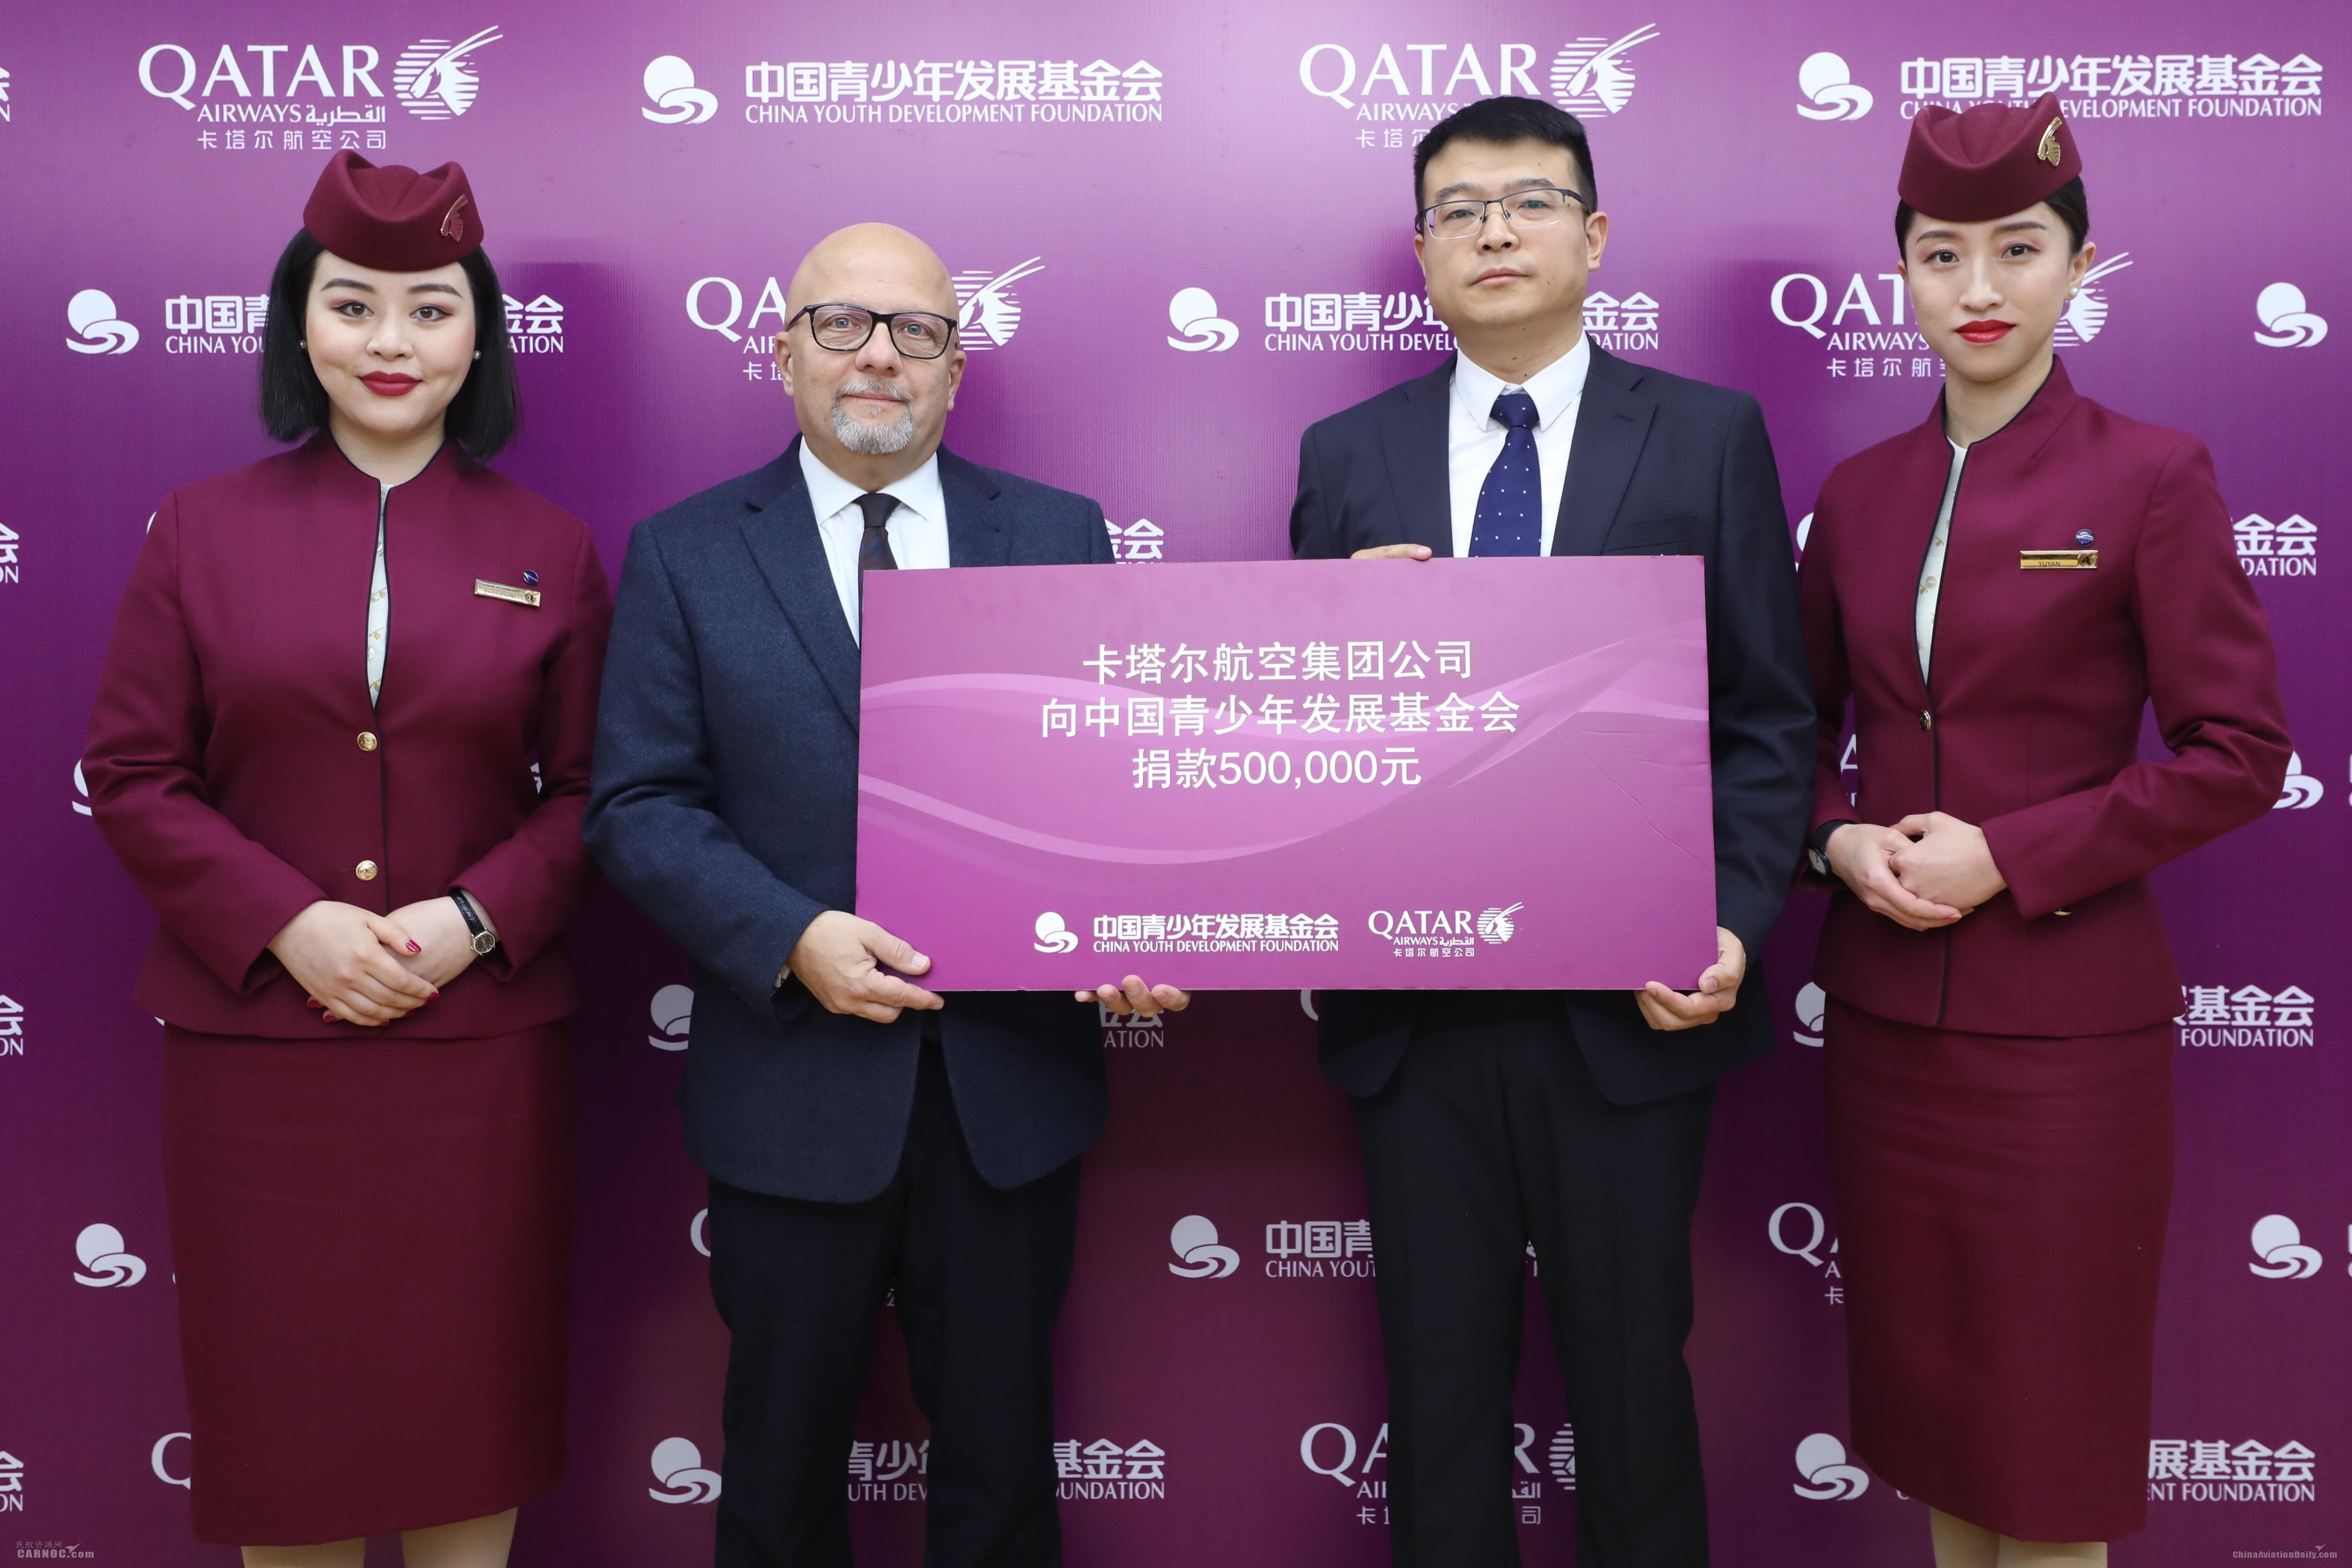 卡塔尔航空与中国青基会签署新合作协议